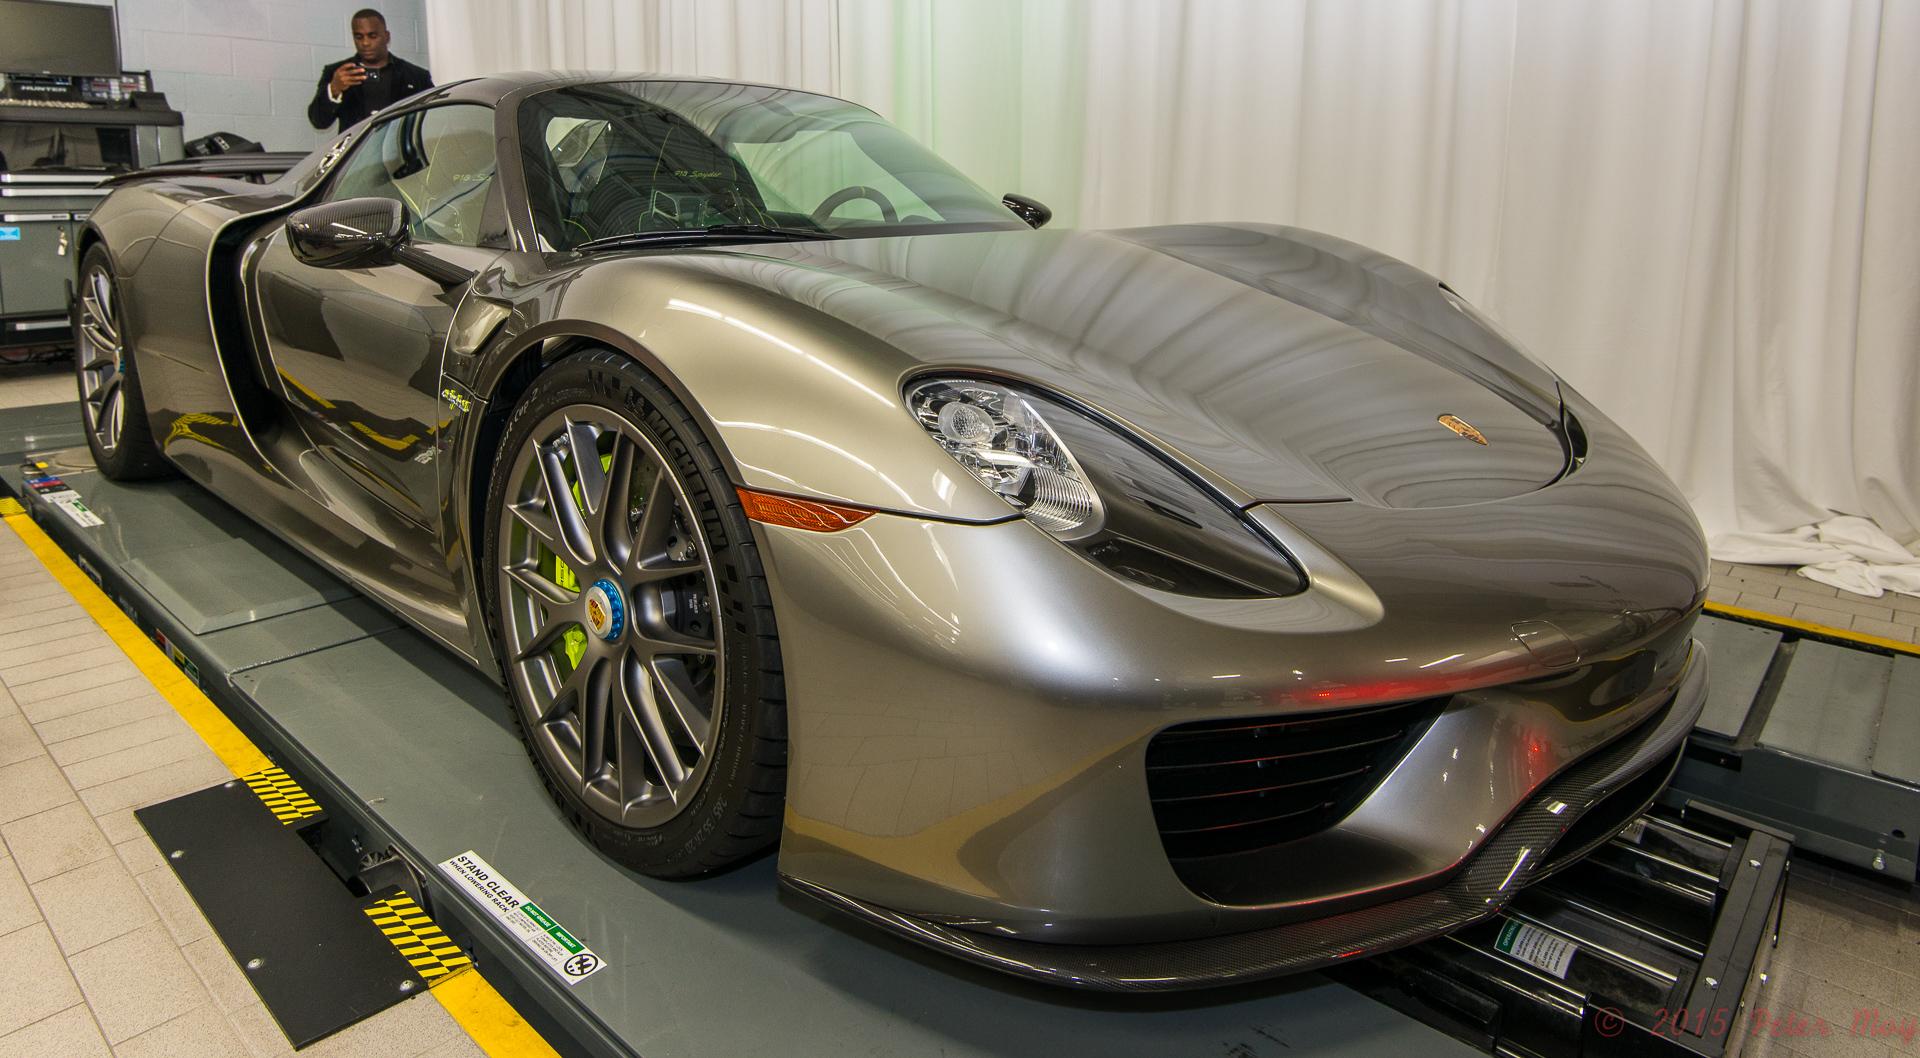 22387167962_a9bac59661_o Stunning Porsche 918 Spyder Paint Job Cars Trend